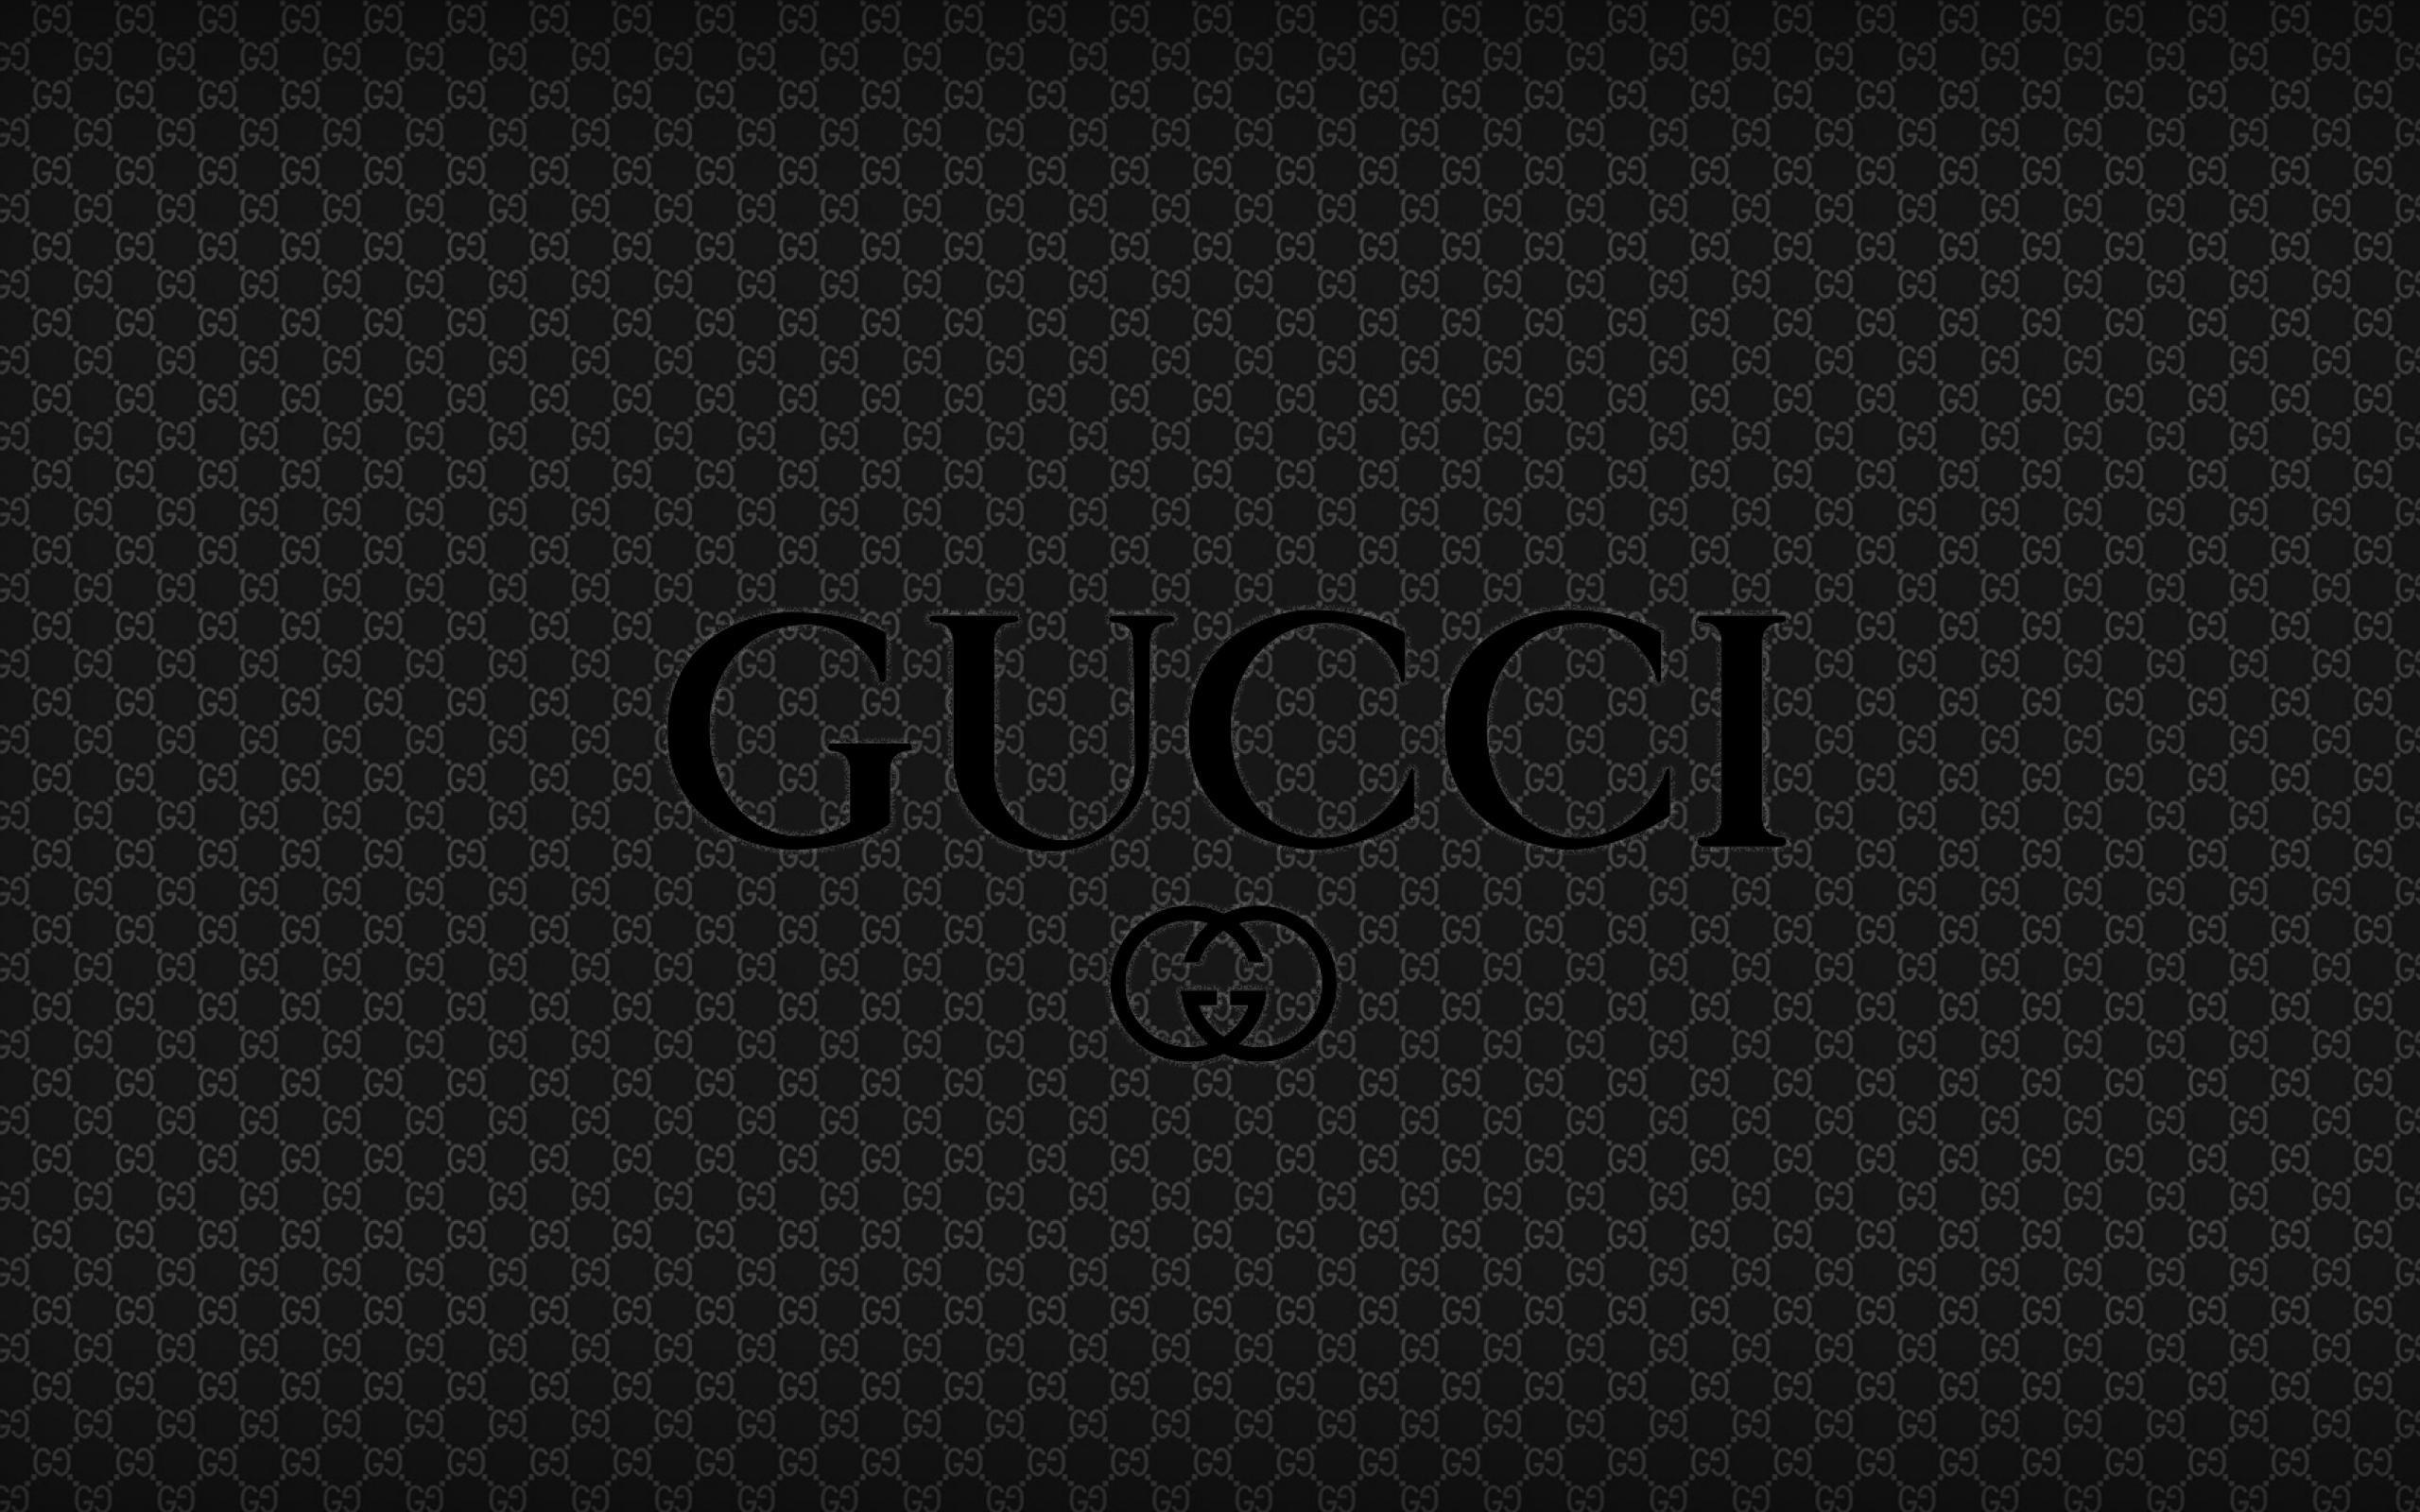 Gucci Logo Wallpapers - Wallpaper Cave  Black